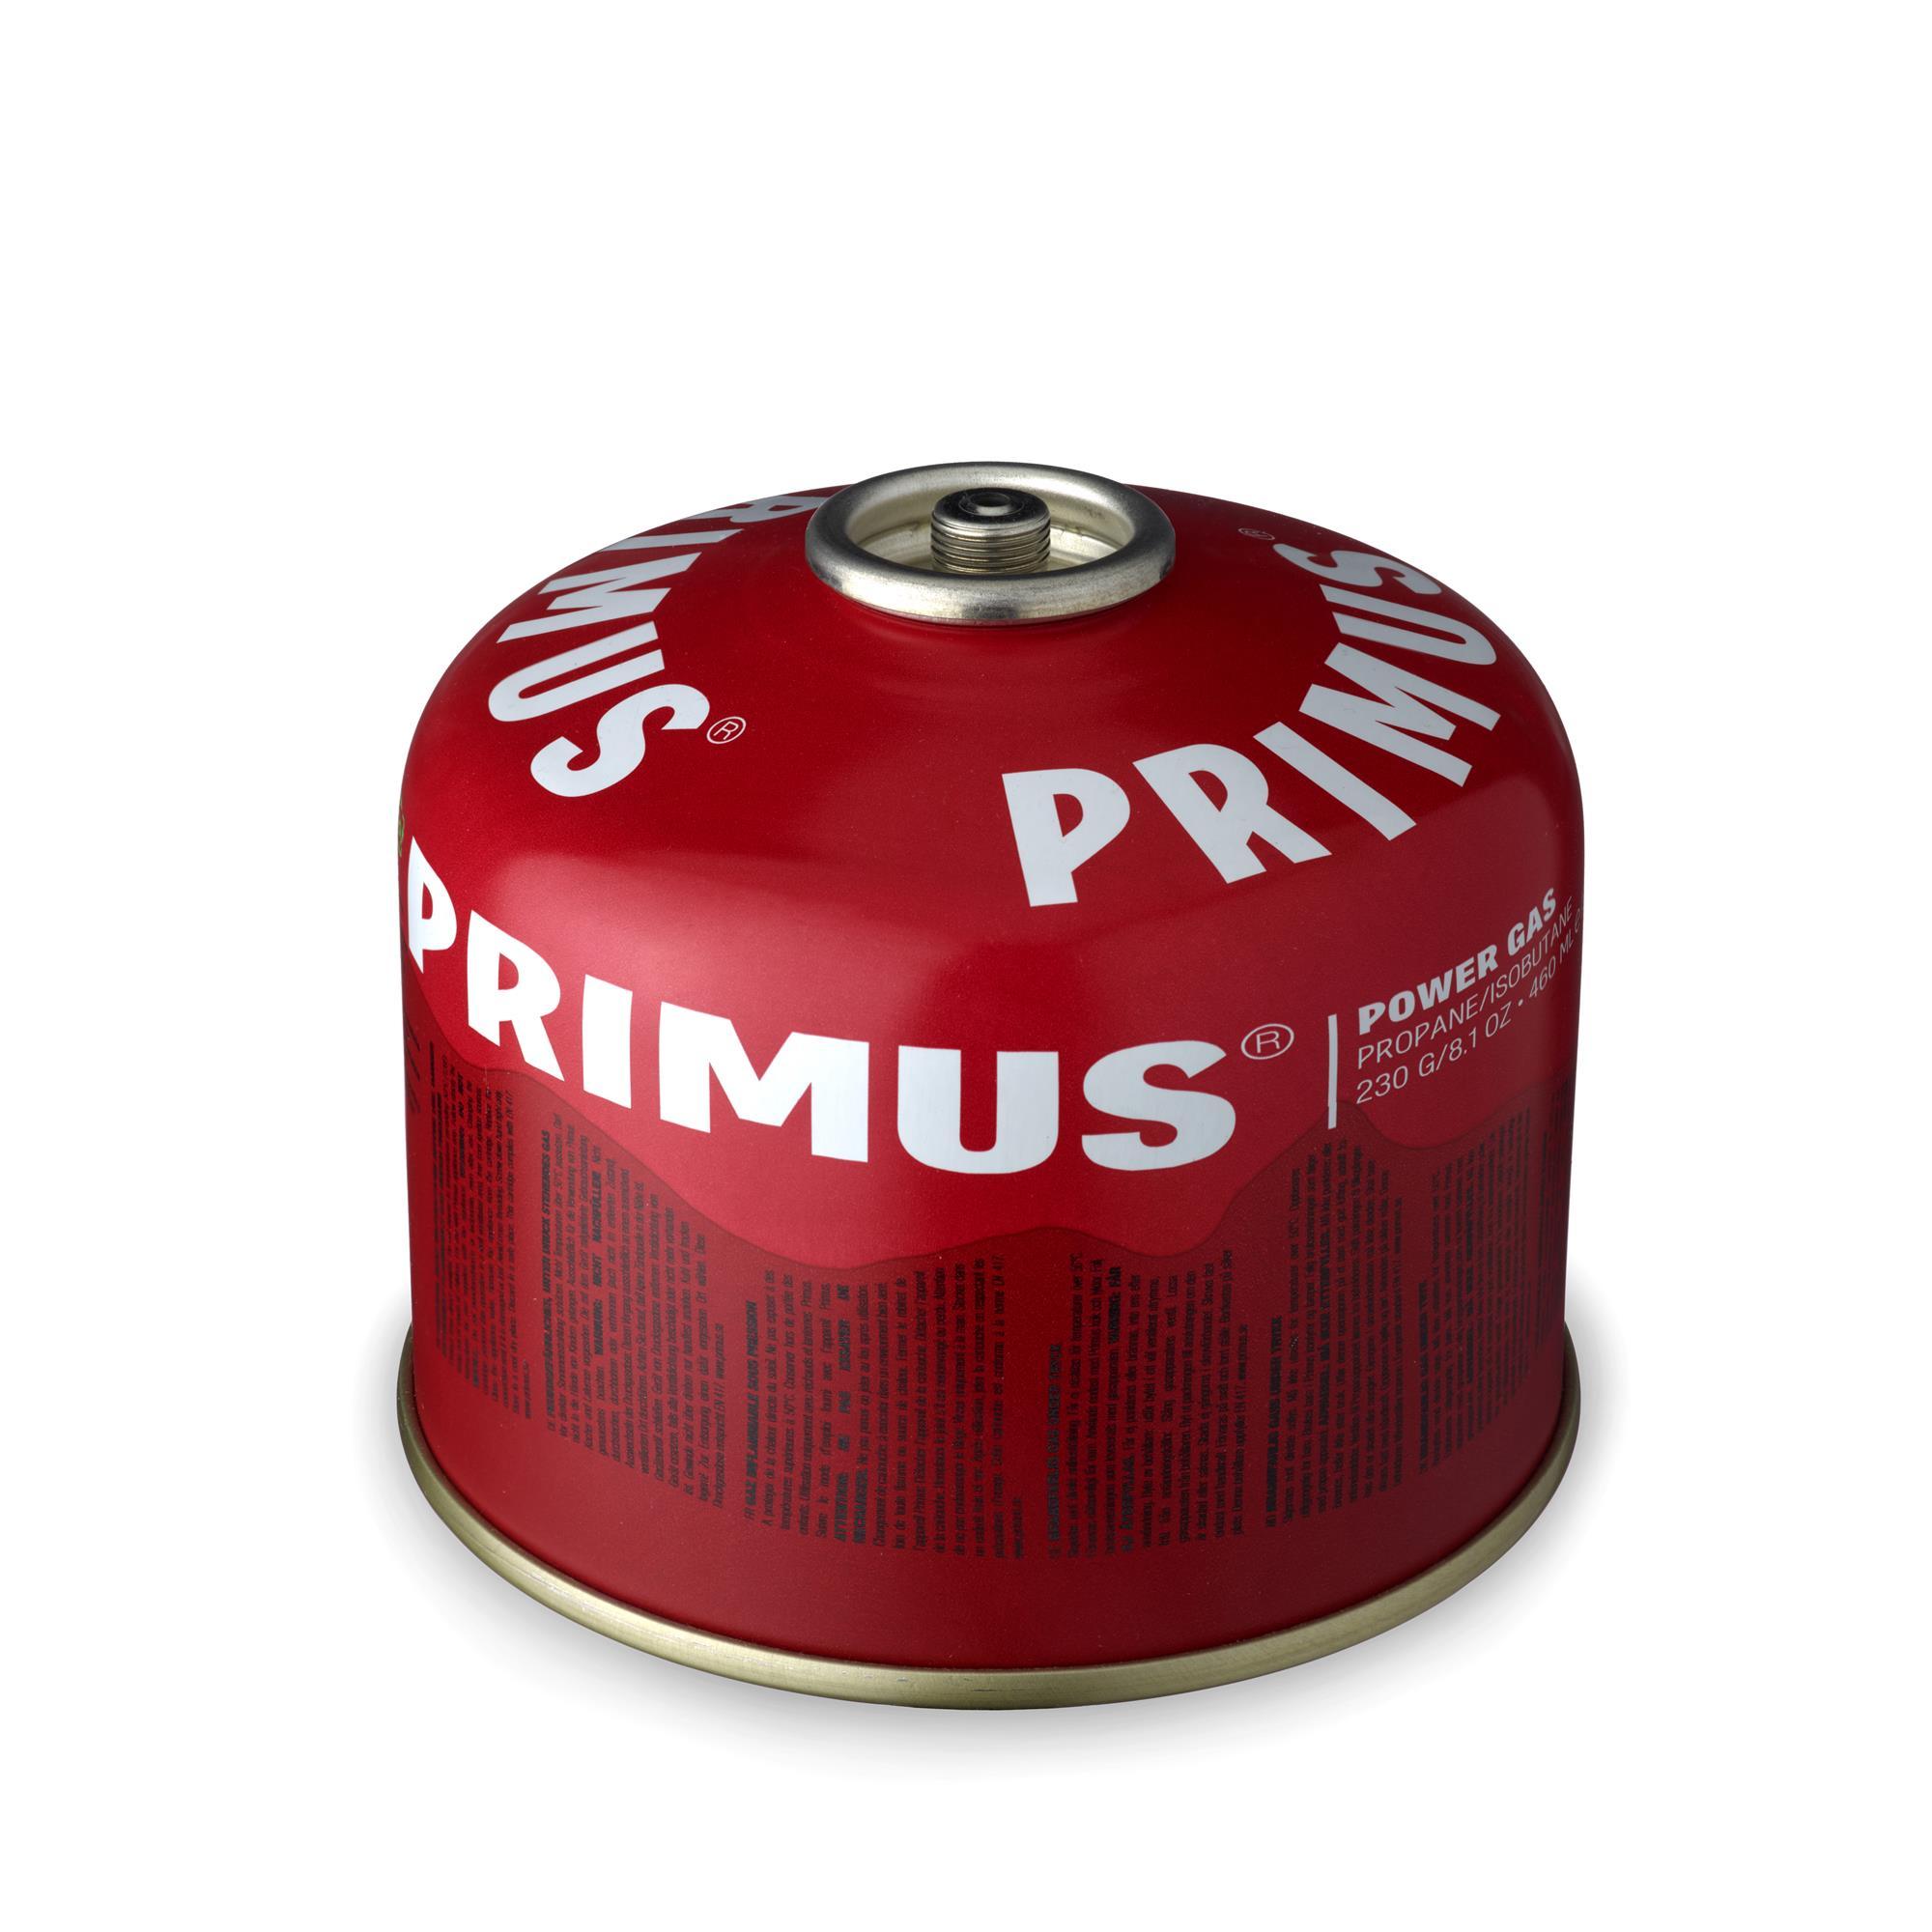 Primus Power Gas Ventilgaskartusche 100g